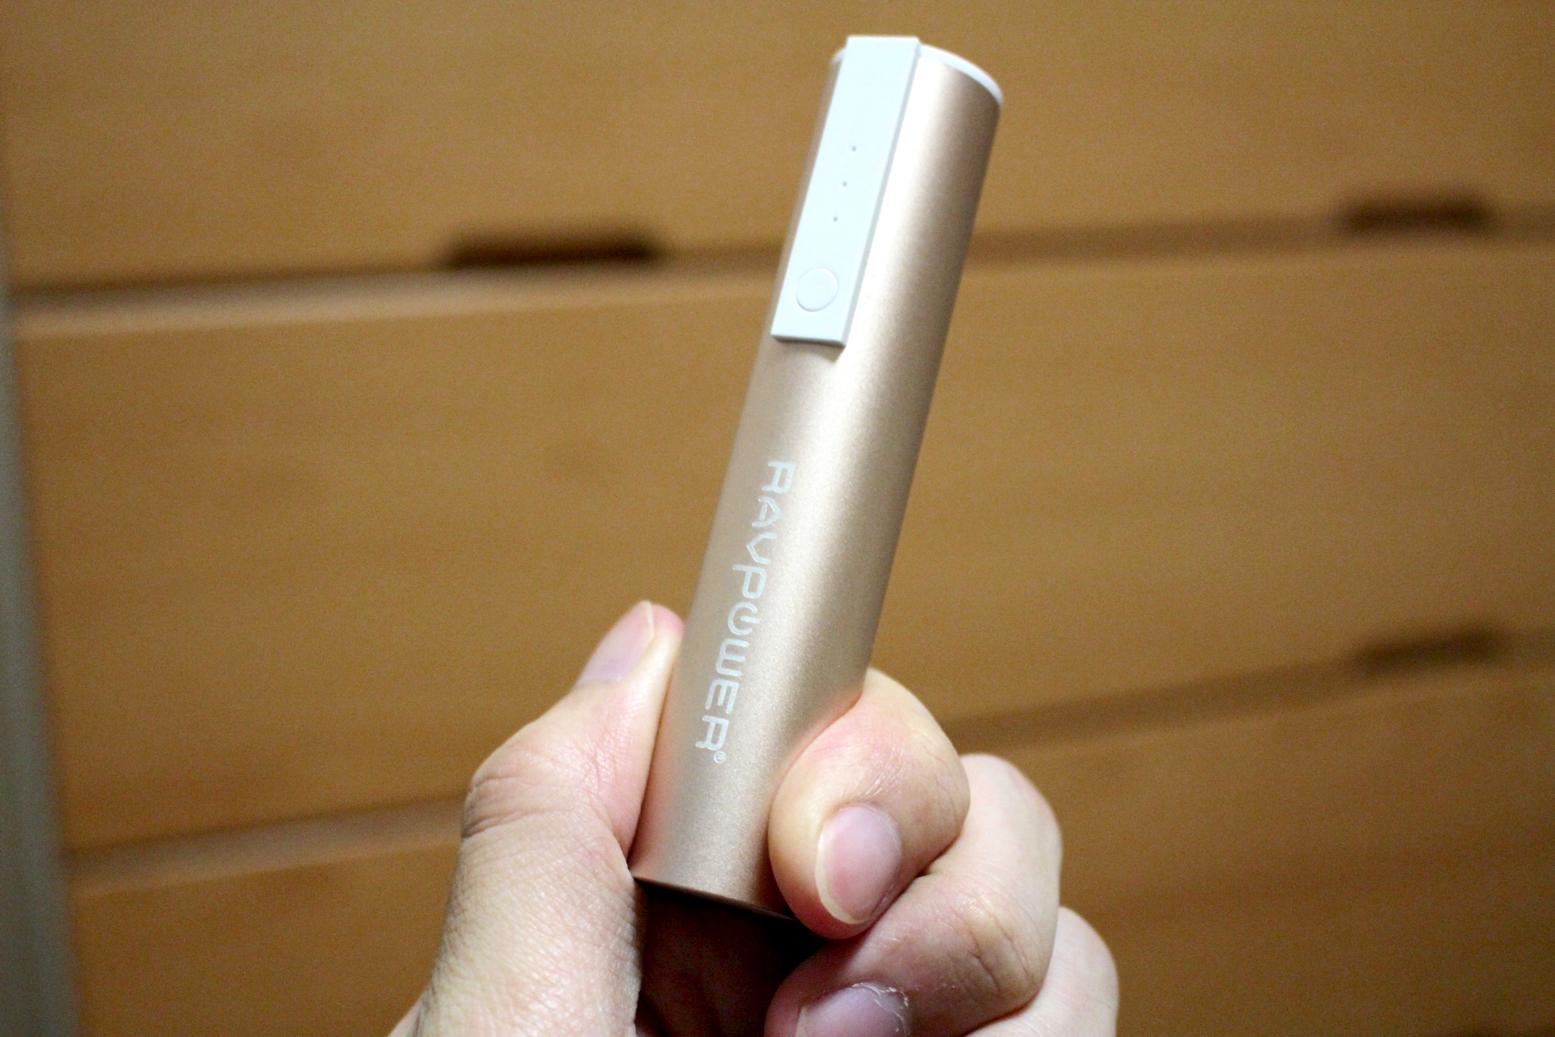 コンパクトで上品なデザイン。女性におすすめなモバイルバッテリー『RAVPower Luster Mini』レビュー